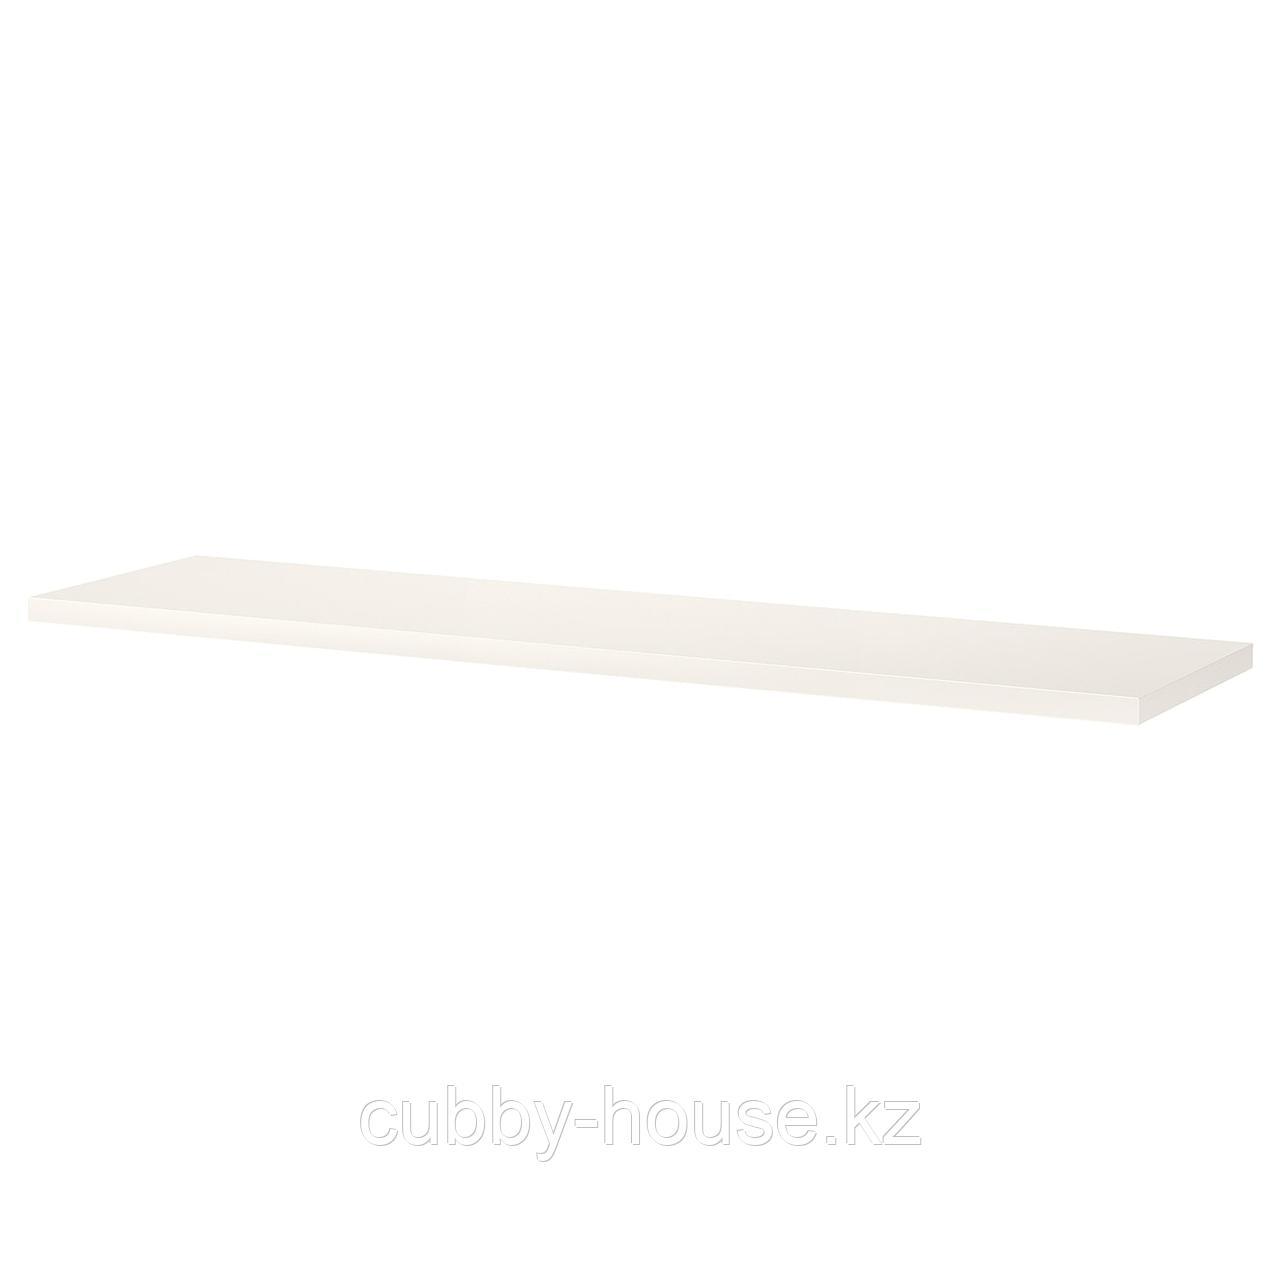 БЕРГСХУЛЬТ Полка, белый, 120x30 см